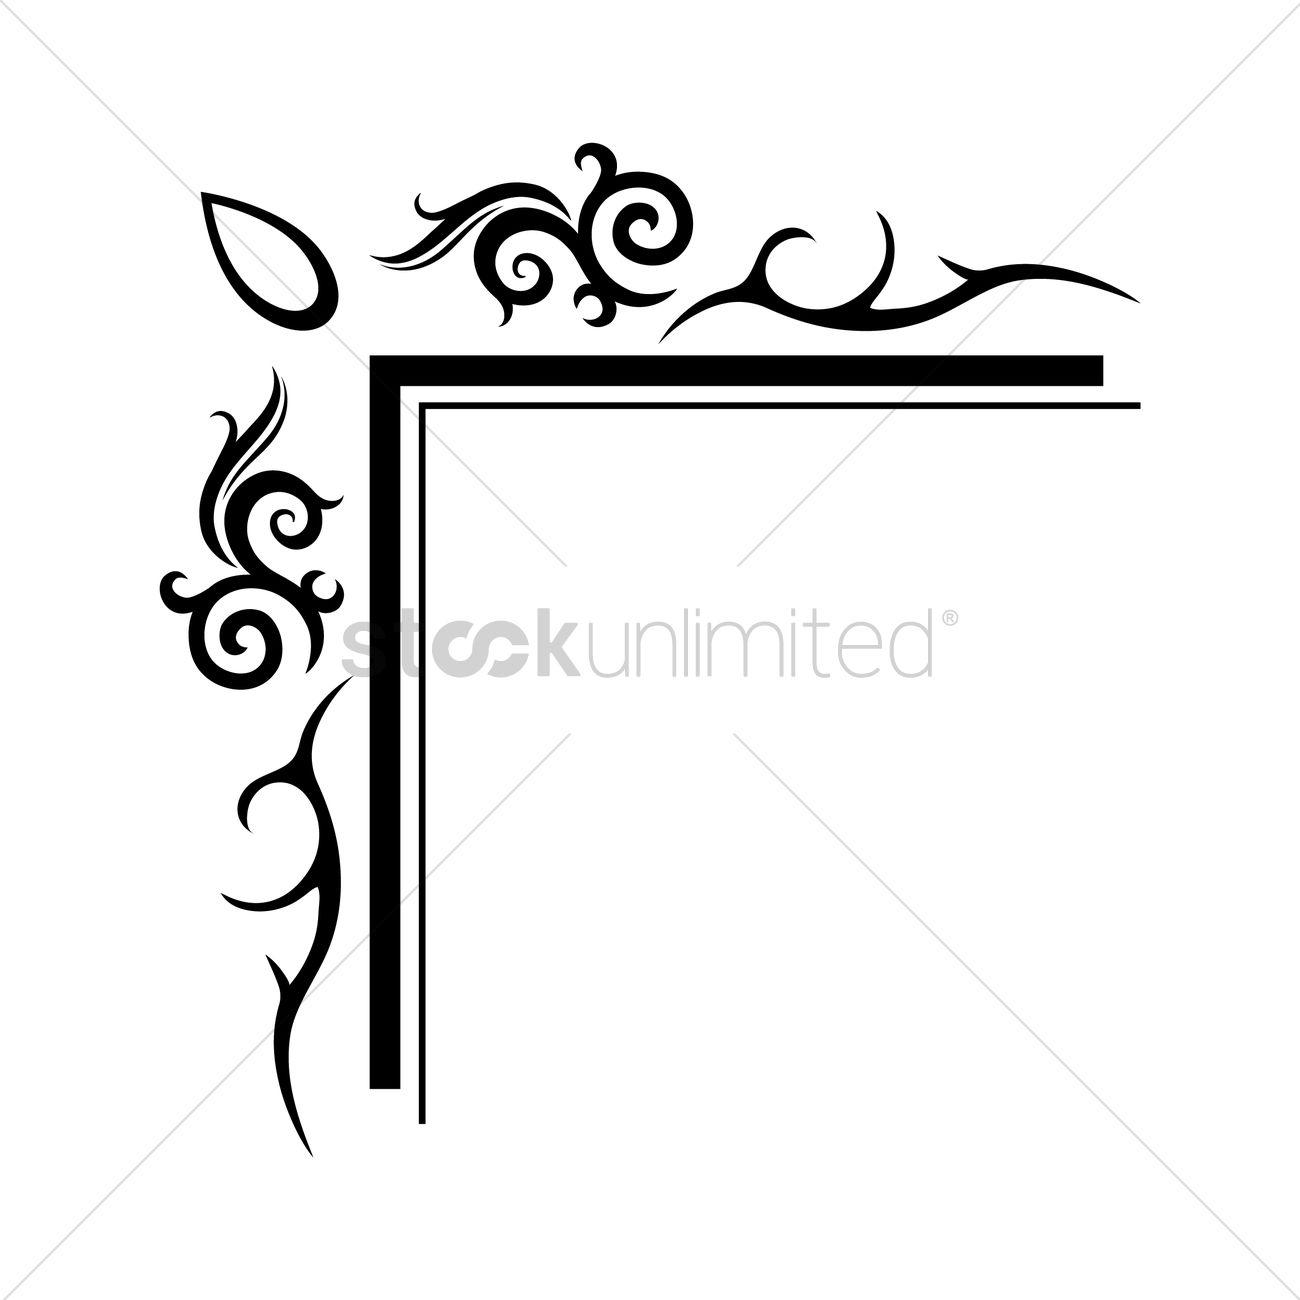 Frame corner design Vector Image - 1627211 | StockUnlimited